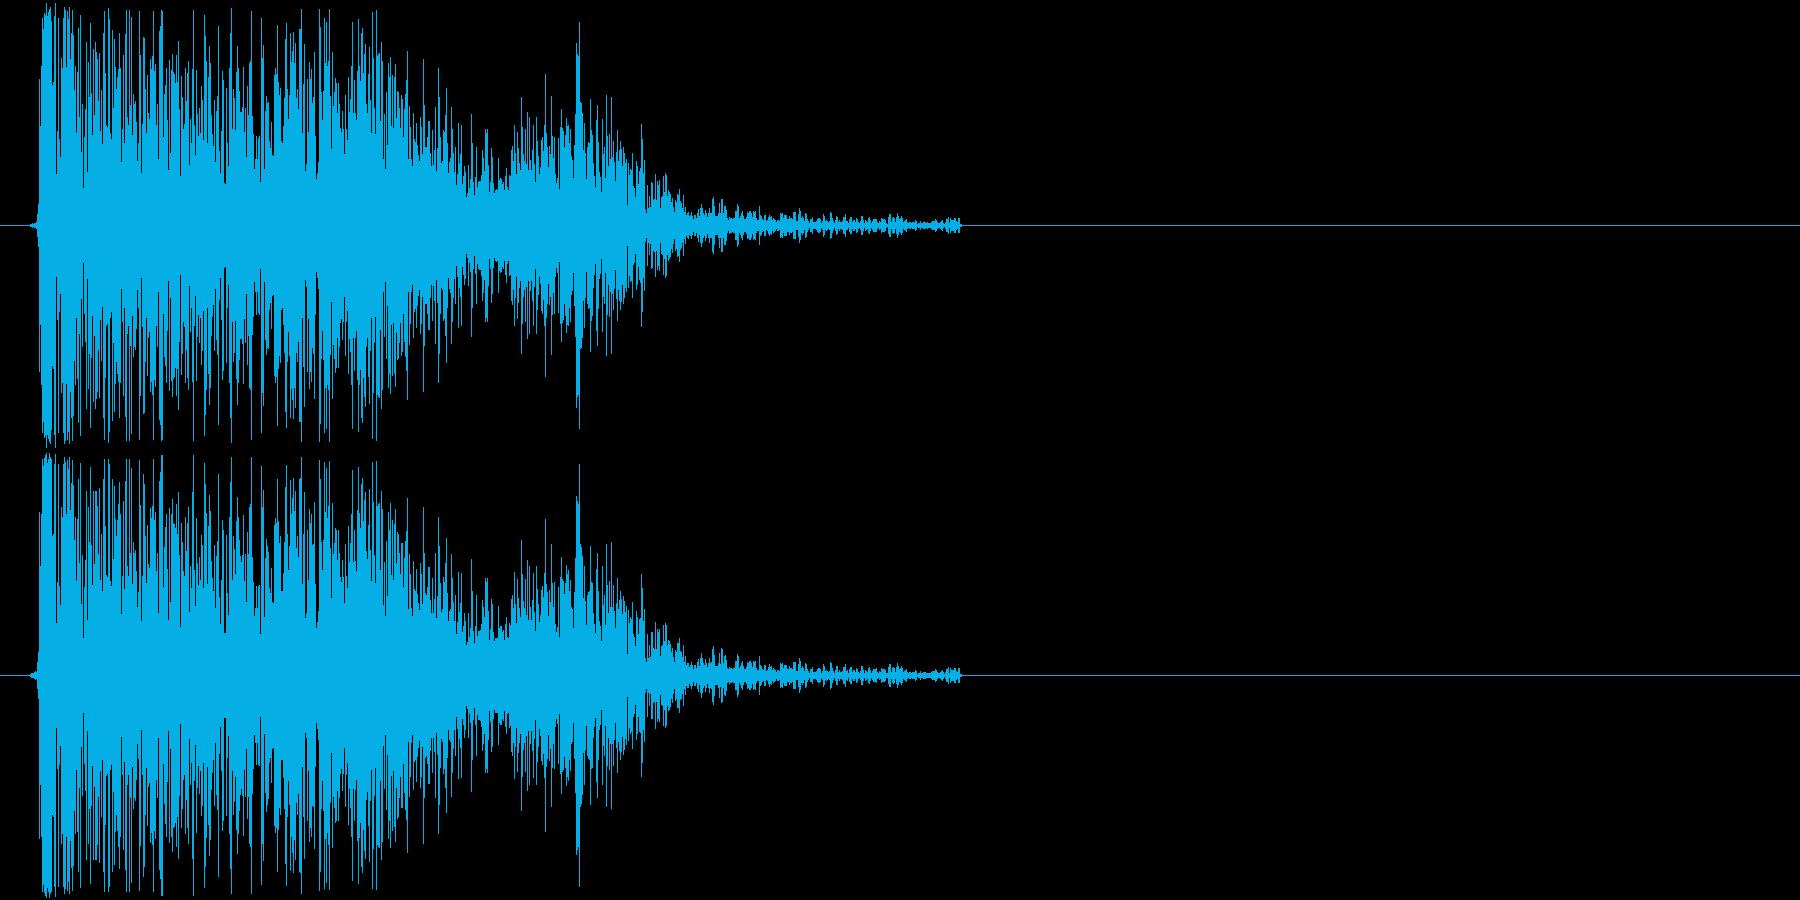 ドーン(爆弾の爆発音・砲撃音)の再生済みの波形